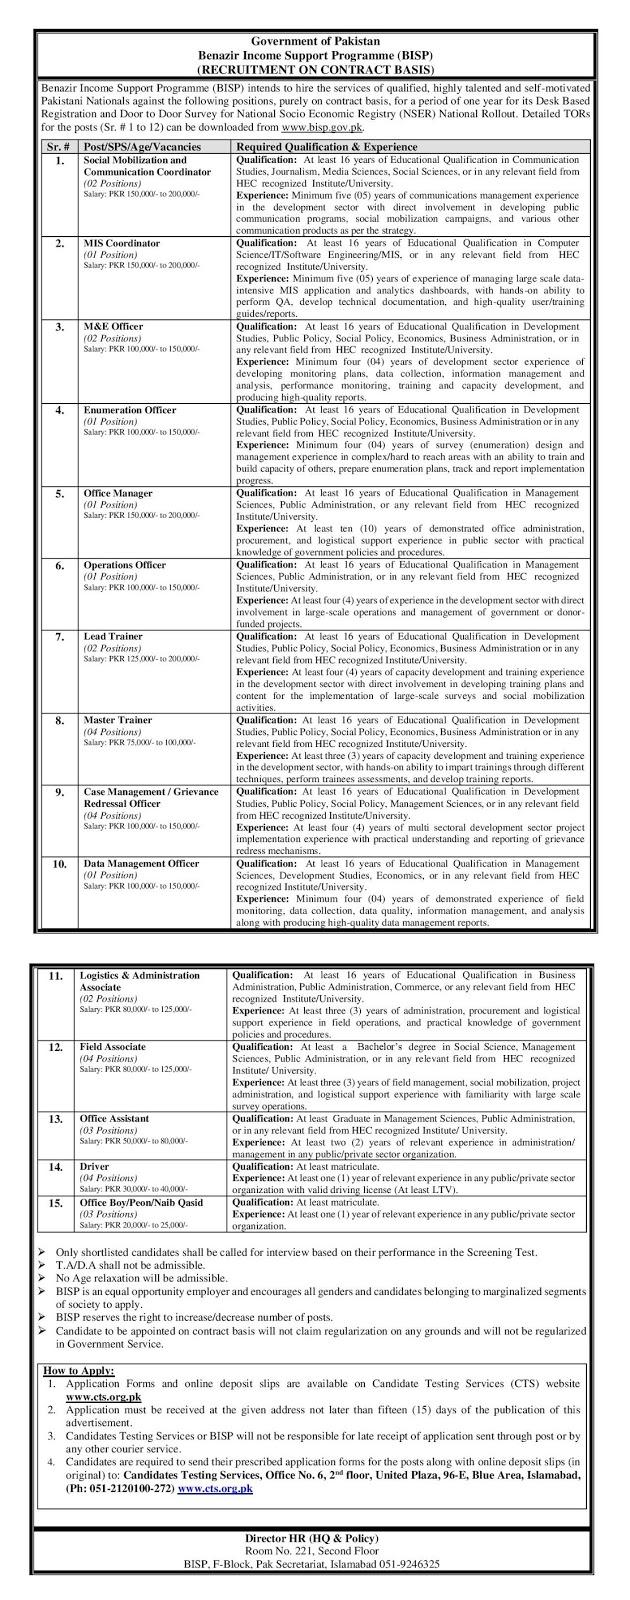 Benazir Income Support Program 2020 Jobs BISP